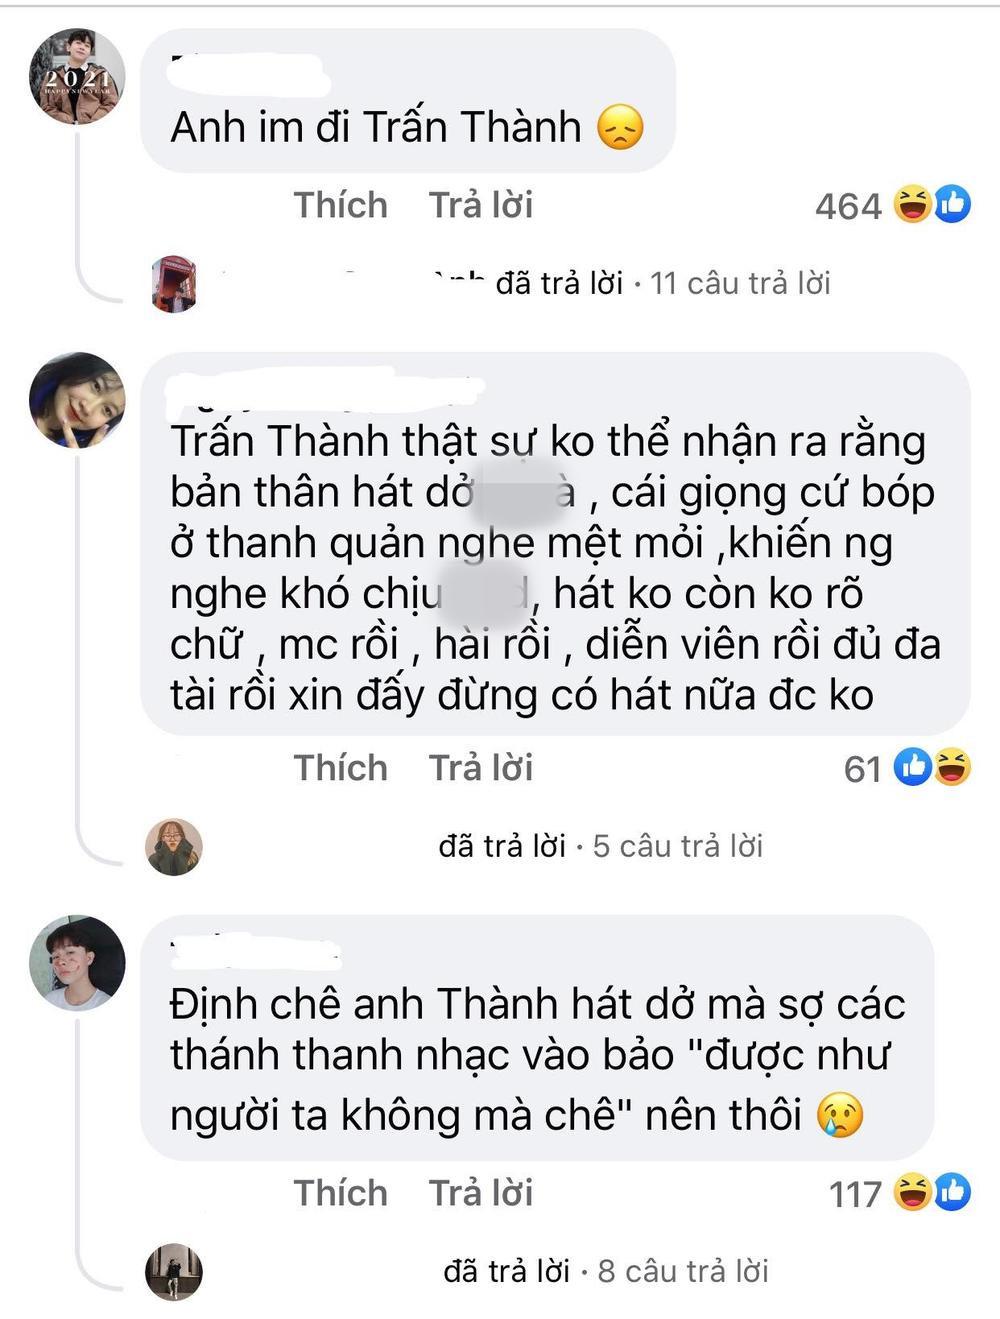 Trấn Thành tiếp tục gây tranh cãi về giọng hát khi song ca cùng Ali Hoàng Dương Ảnh 2